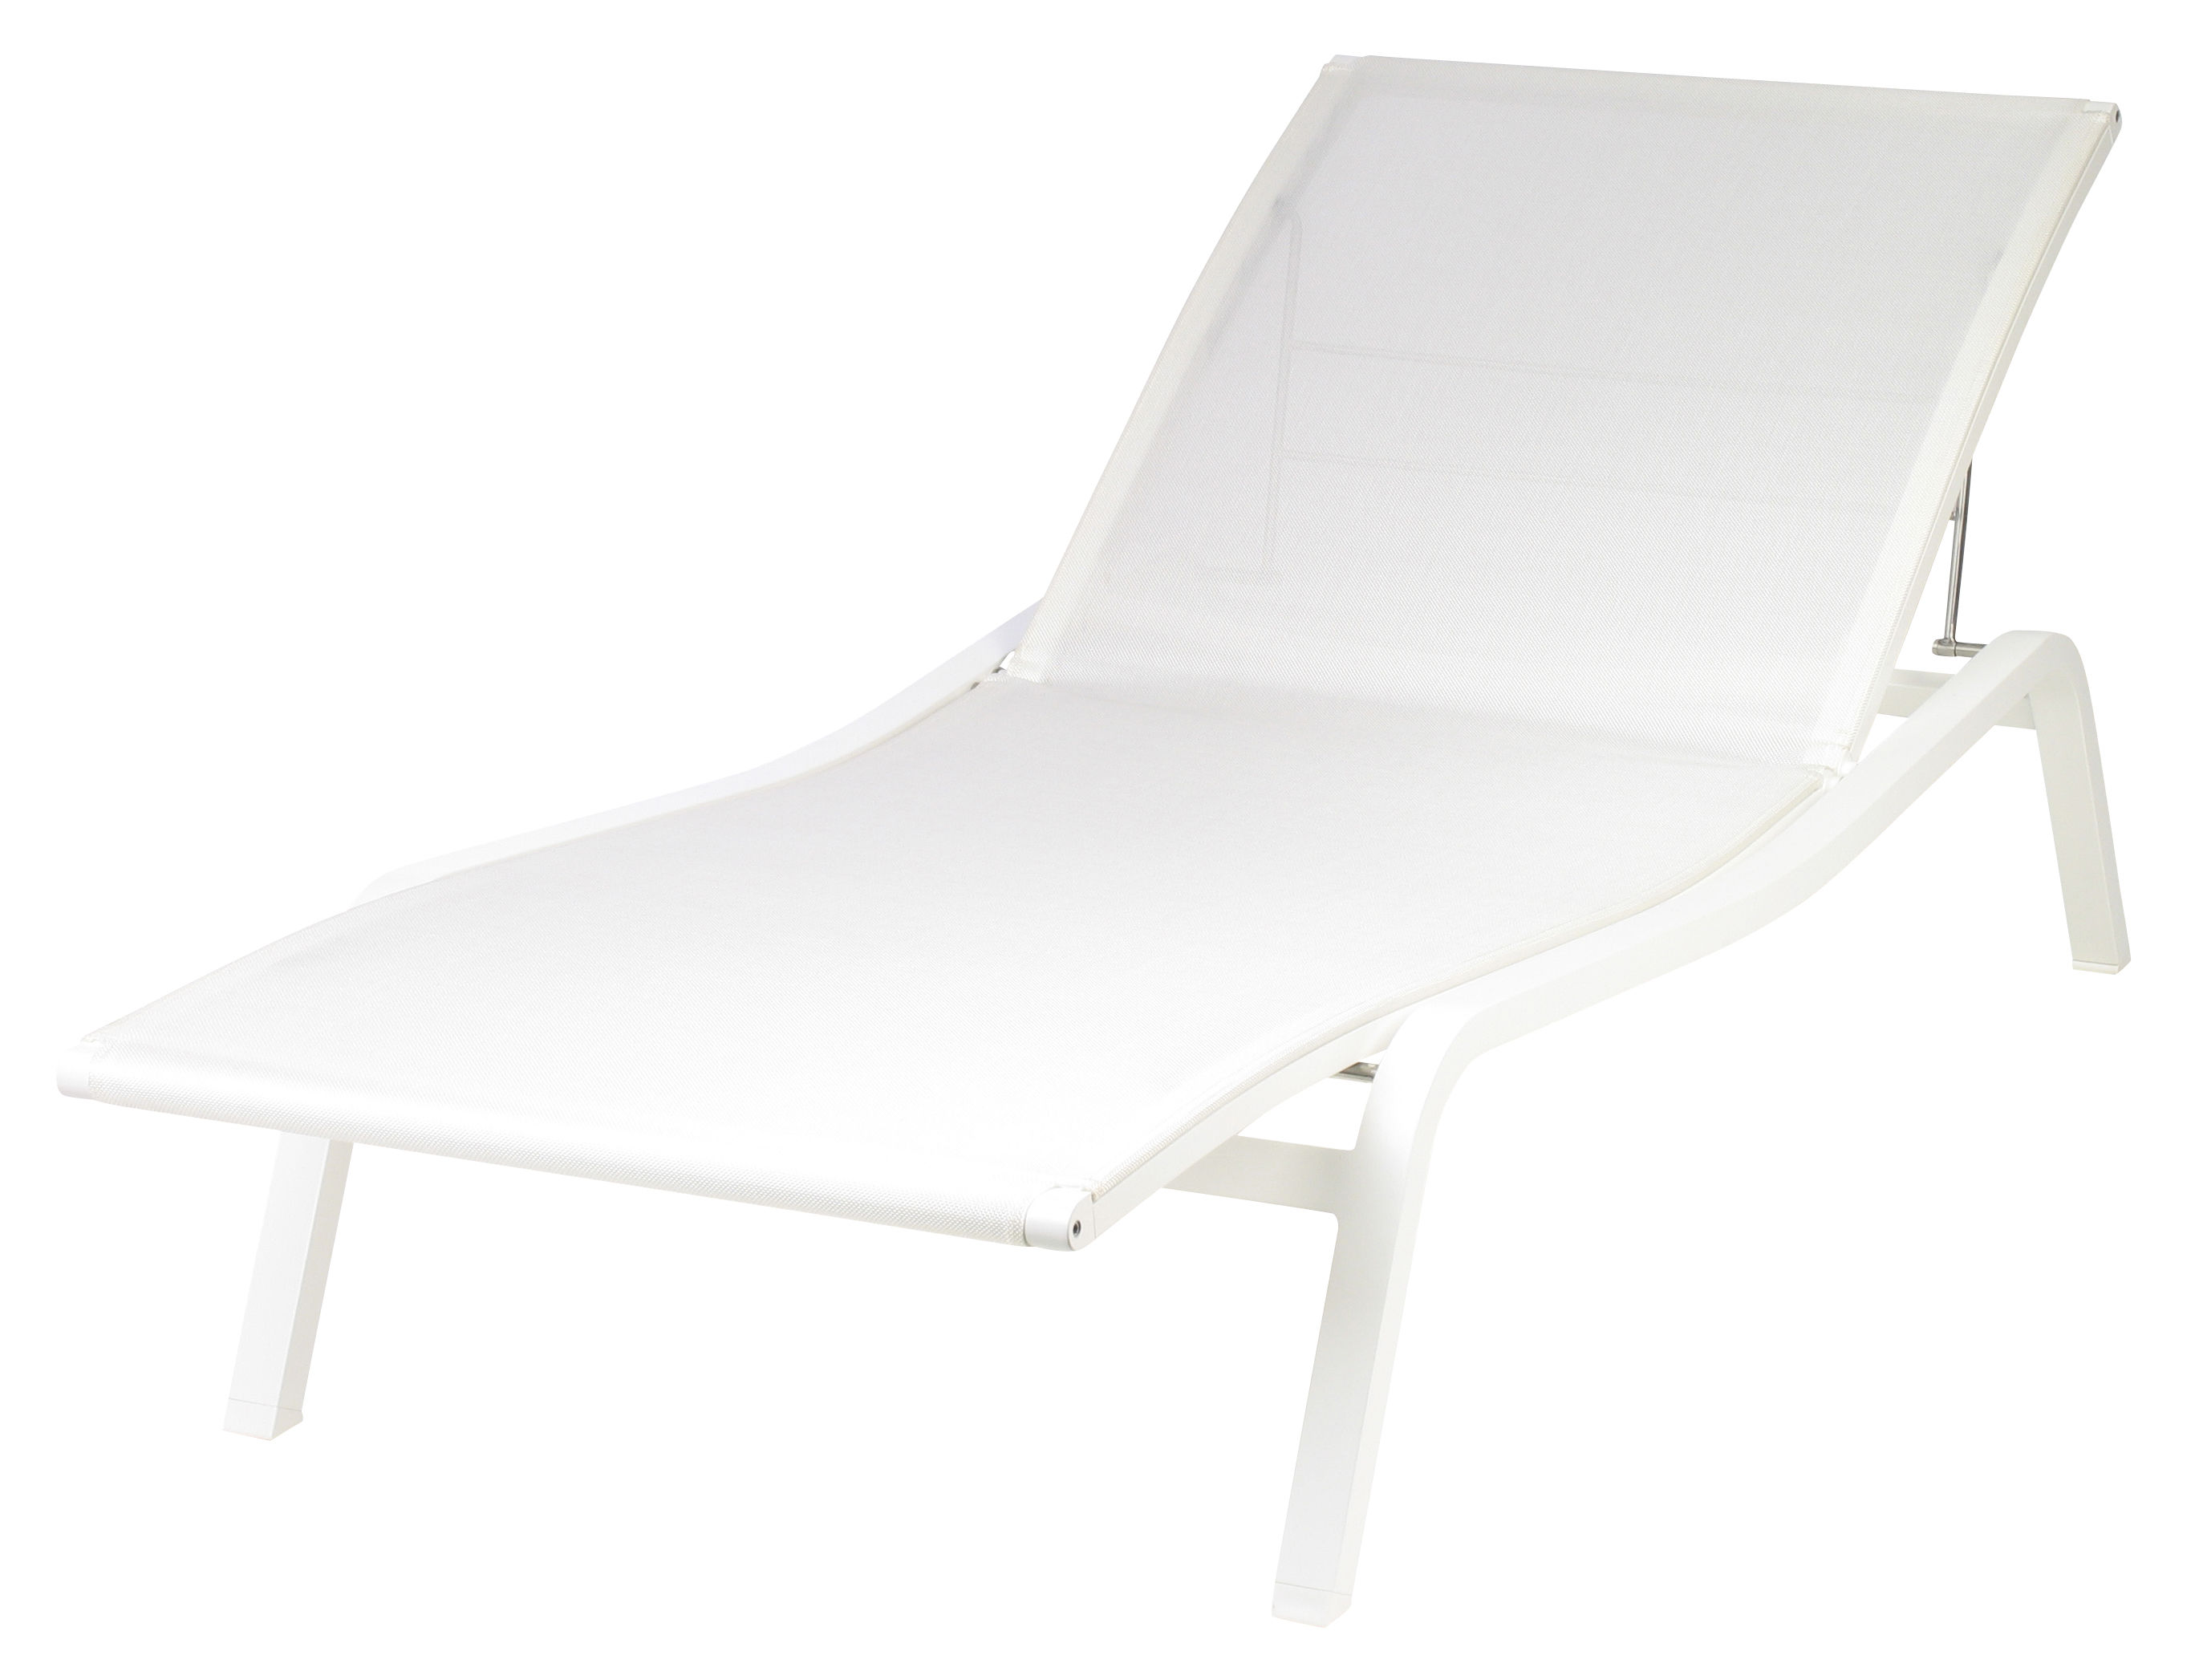 Outdoor - Liegen und Hängematten - Alizé Sonnenliege B 80 cm / 3 Positionen - Fermob - Weiß - lackiertes Aluminium, Polyester-Gewebe